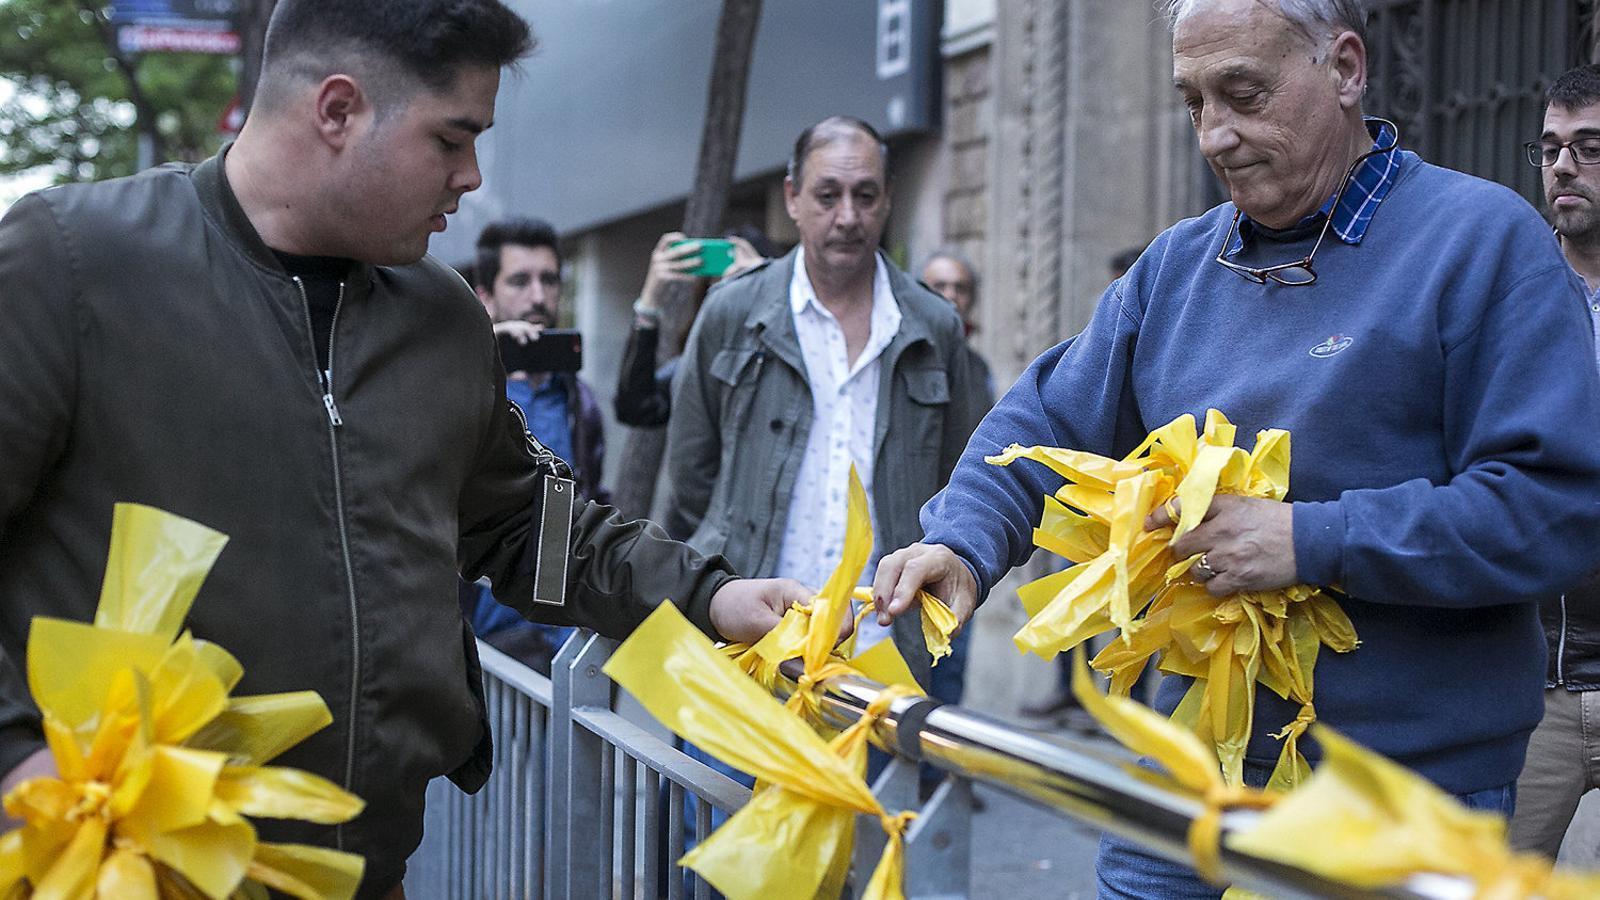 La tensió per la retirada dels llaços grocs arriba a la Junta de Seguretat